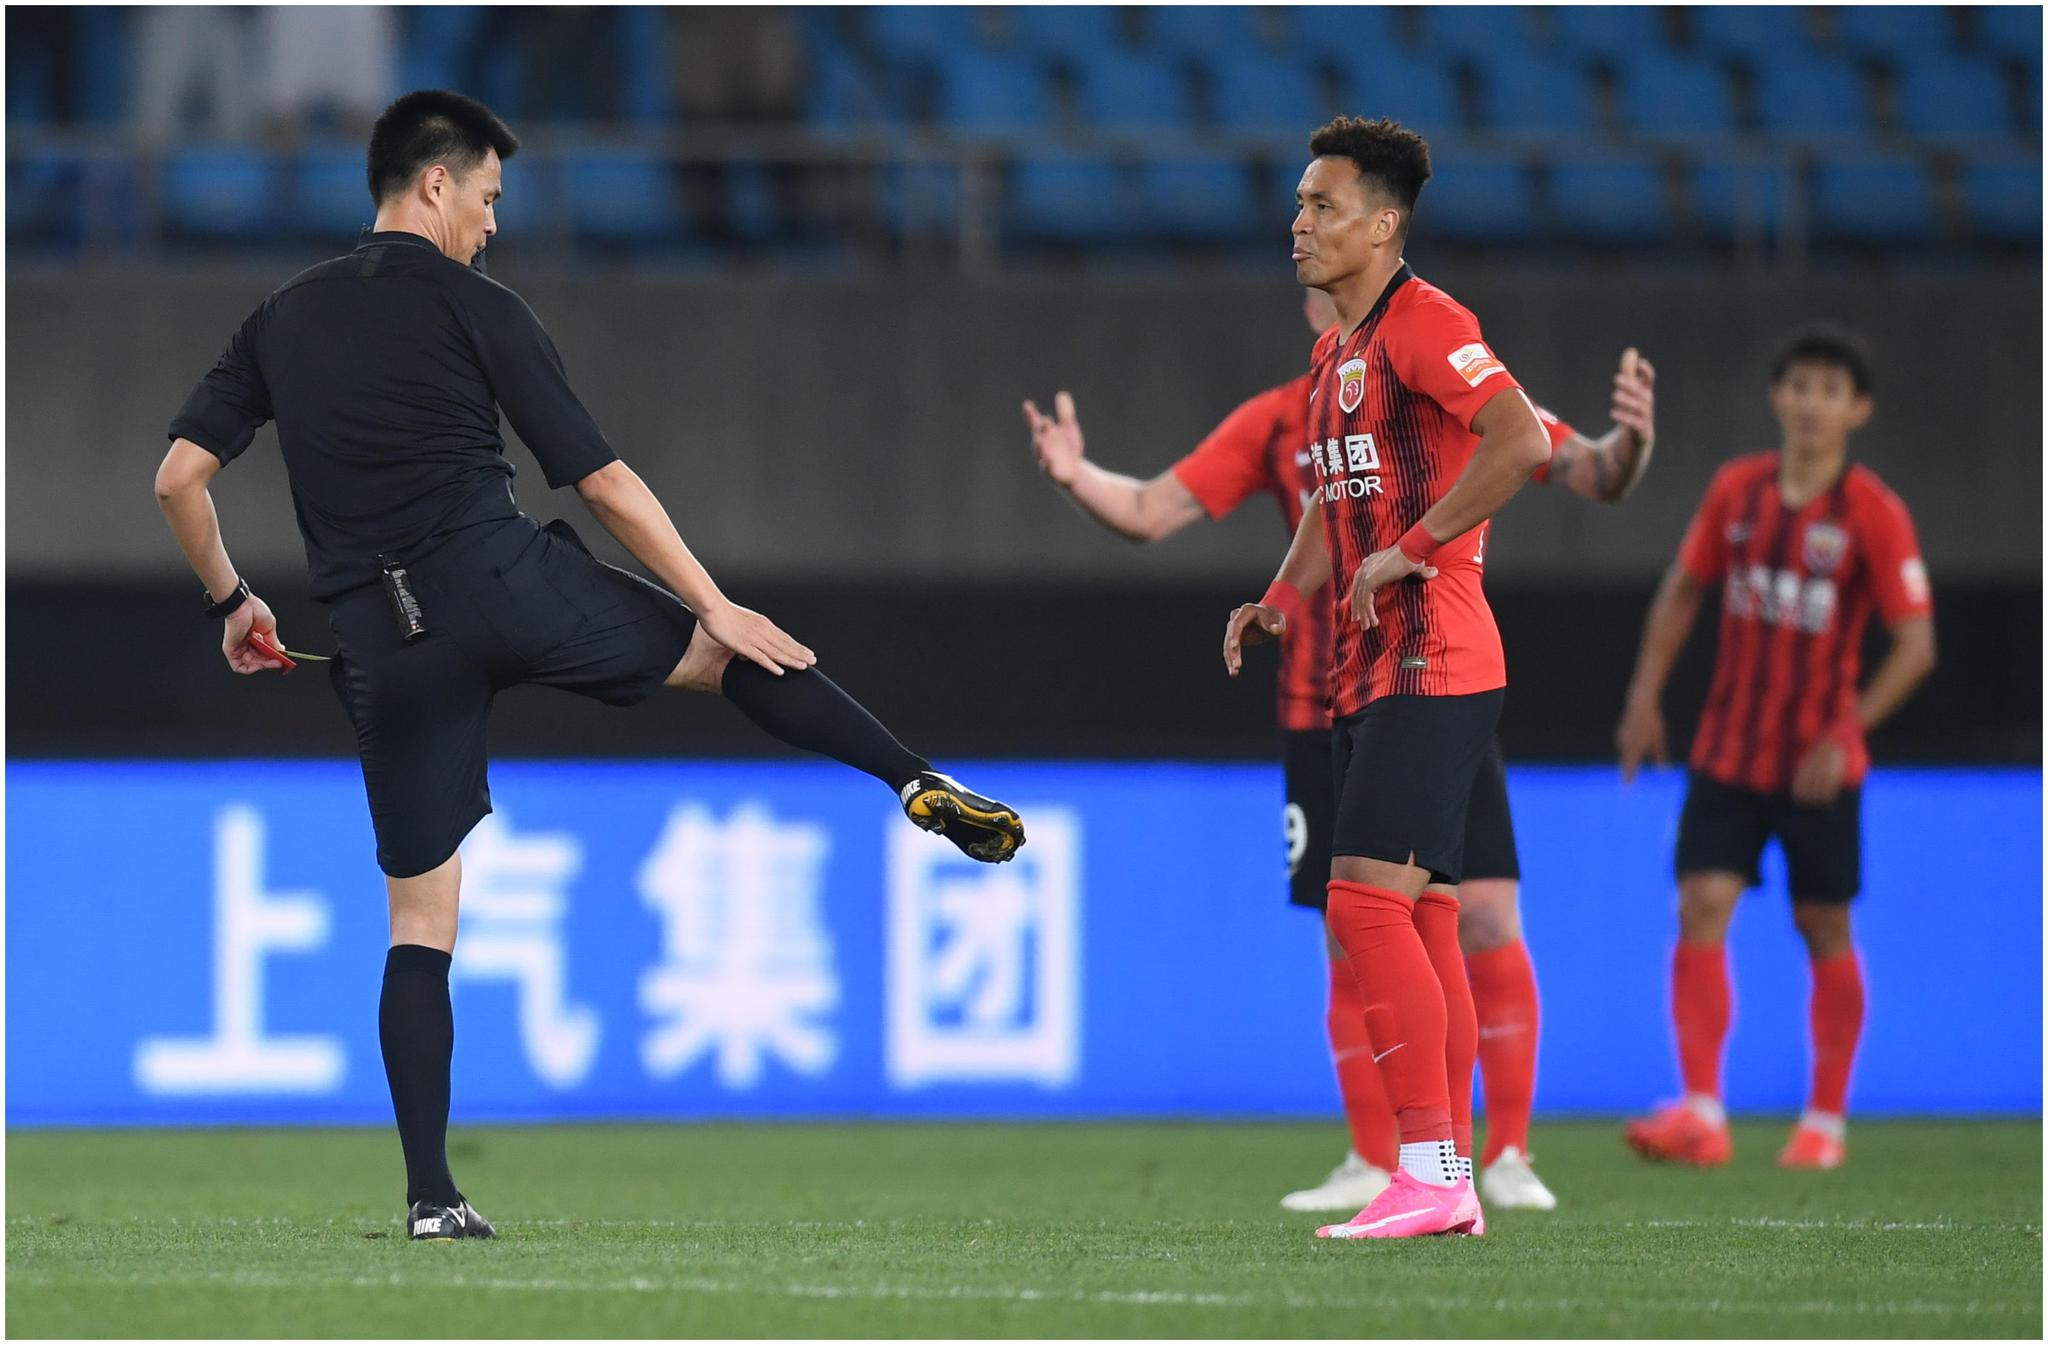 球迷呼吁,上港应重罚买提江,以响应陈戌源保护国脚的指示